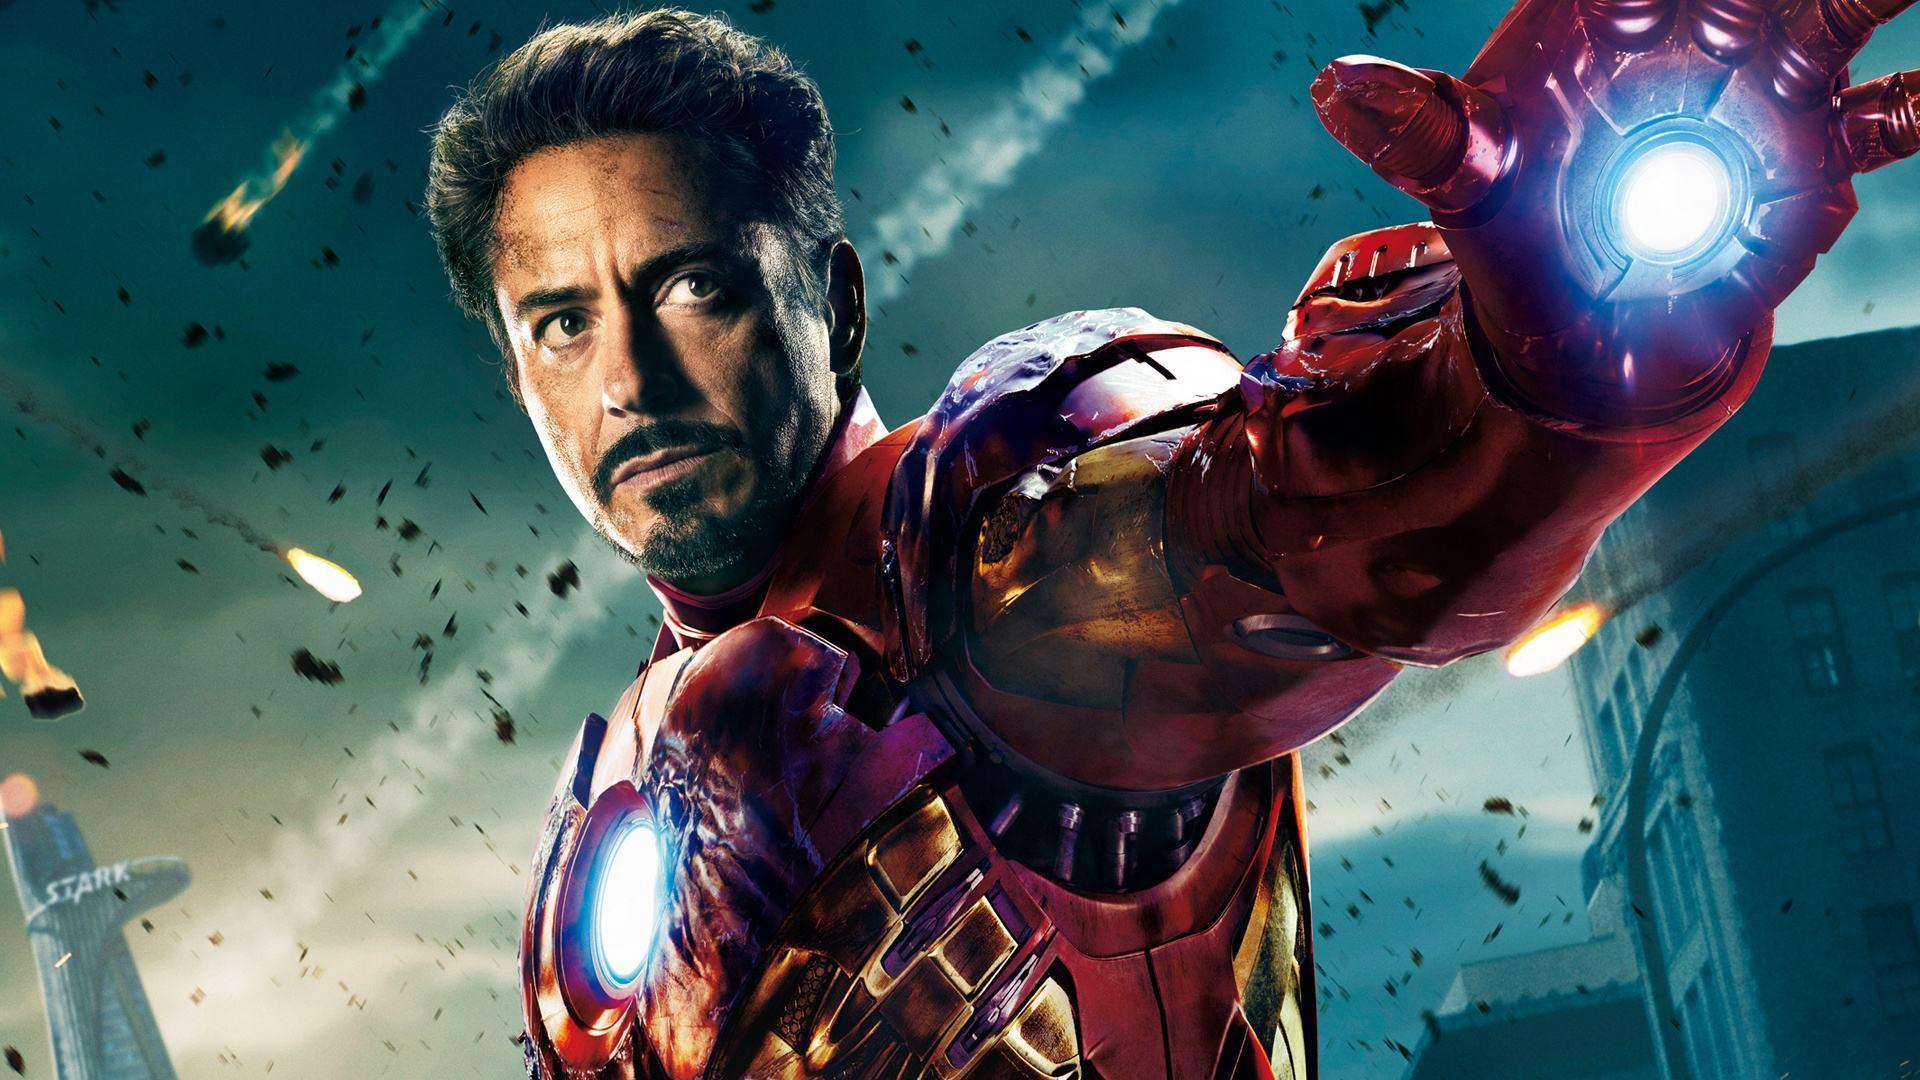 灭霸200万,蜘蛛侠 绿巨人300万,钢铁侠要价1亿美金漫威说值得